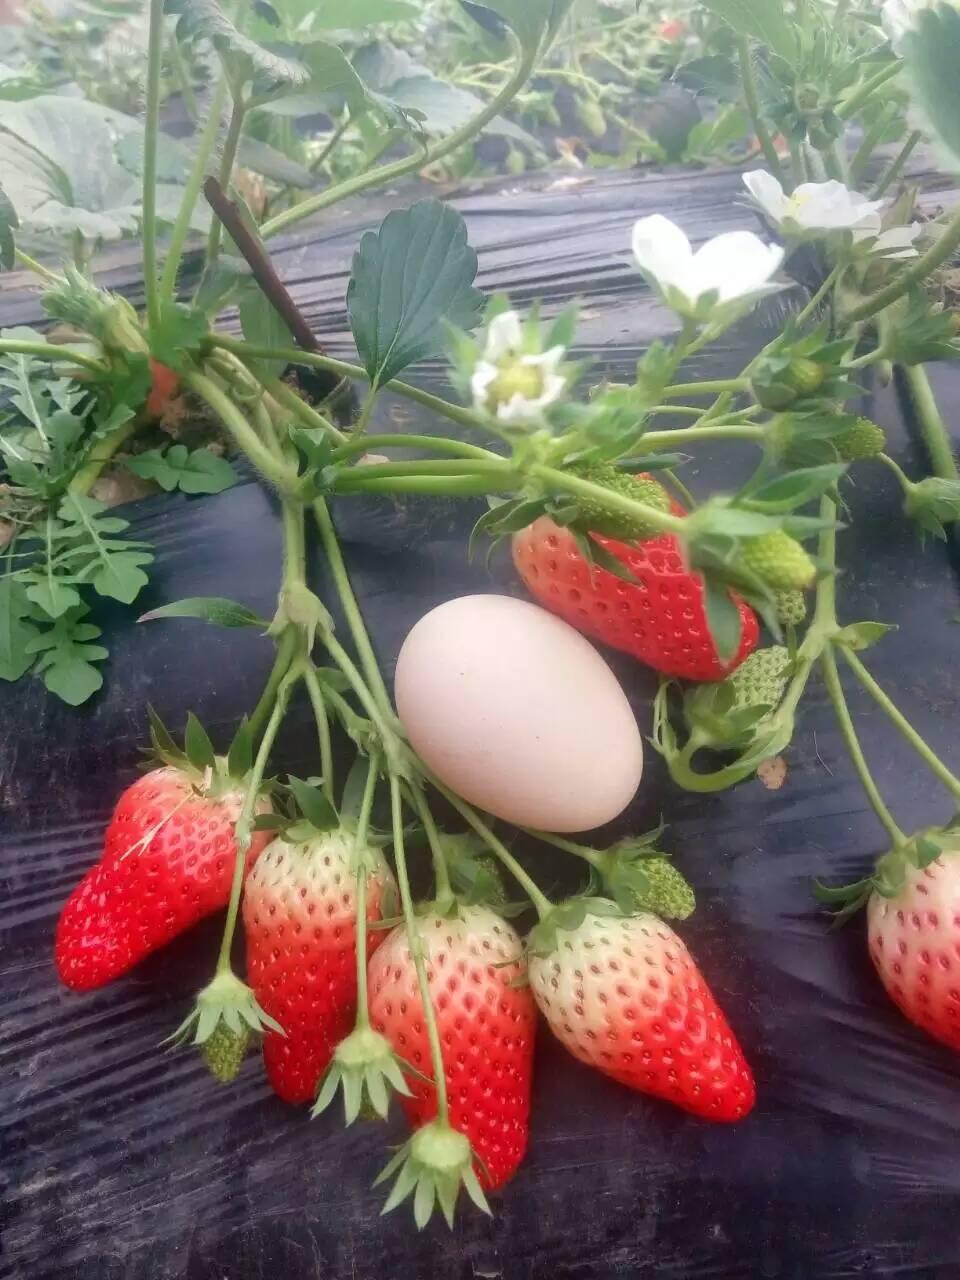 石景山达塞莱克特草莓苗销售基地